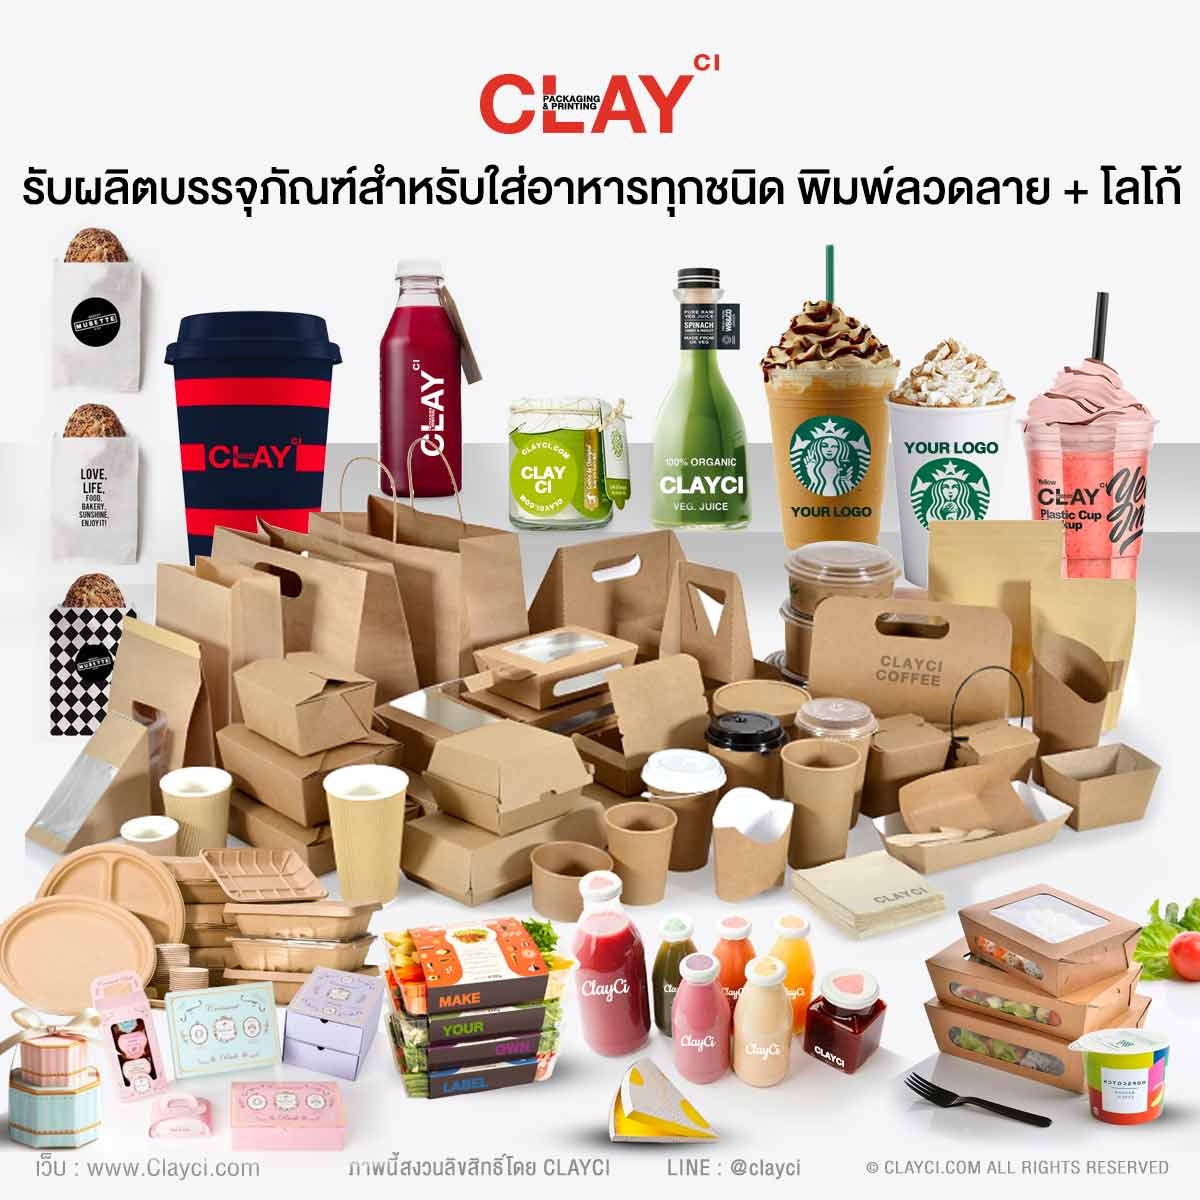 รับผลิตบรรจุภัณฑ์สำหรับใส่อาหารทุกชนิด ฟู้ดเกรด Food Grade สะอาด มีคุณภาพ ปลอดภัย ถุงเบเกอรี่ กล่องกระดาษเค้ก ถุงกระดาษคราฟท์ซิปล็อค ถุงขนม ถุงลามิเนต อลูมิเนียมฟอยล์ กล่องพลาสติกใส บรรจุภัณฑ์พลาสติก ซองเครป ถ้วยกระดาษซุป แก้วกระดาษกาแฟ จานกระดาษ กล่องสแน็คใส่ขนมปัง ถุงสูญญากาศ Vacuum ขวดพลาสติกที่สเตอริไรซ์ได้